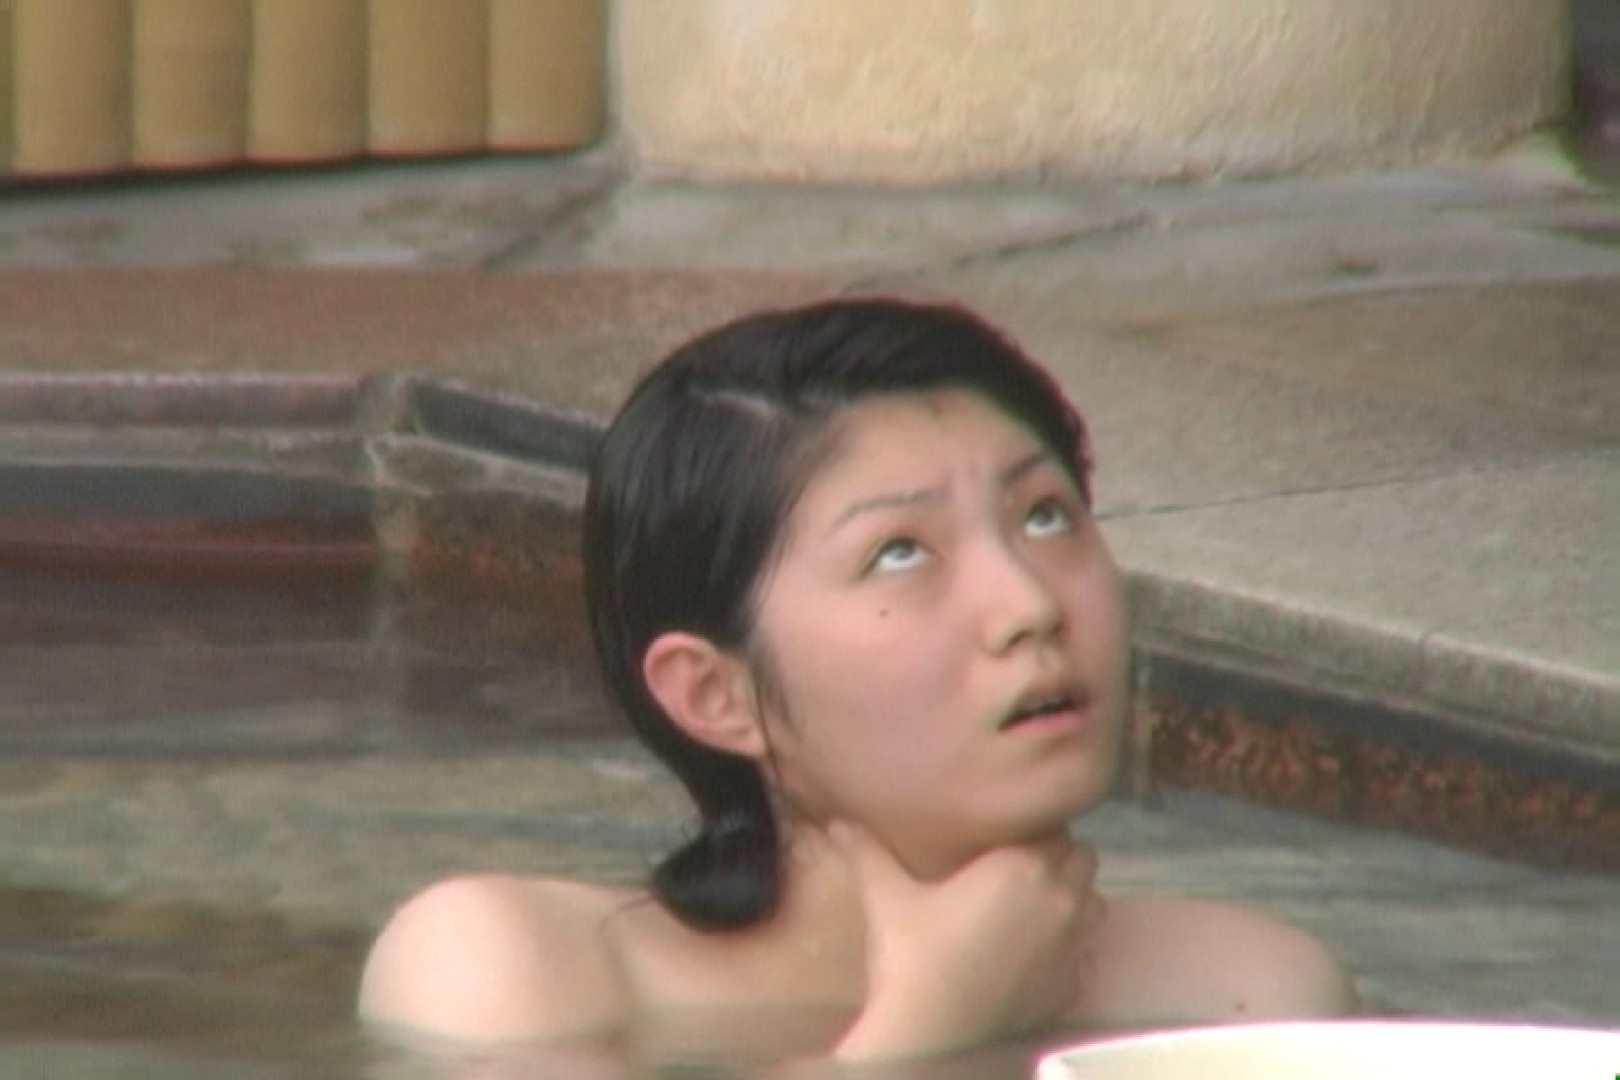 Aquaな露天風呂Vol.579 OLエロ画像   露天  42PICs 34